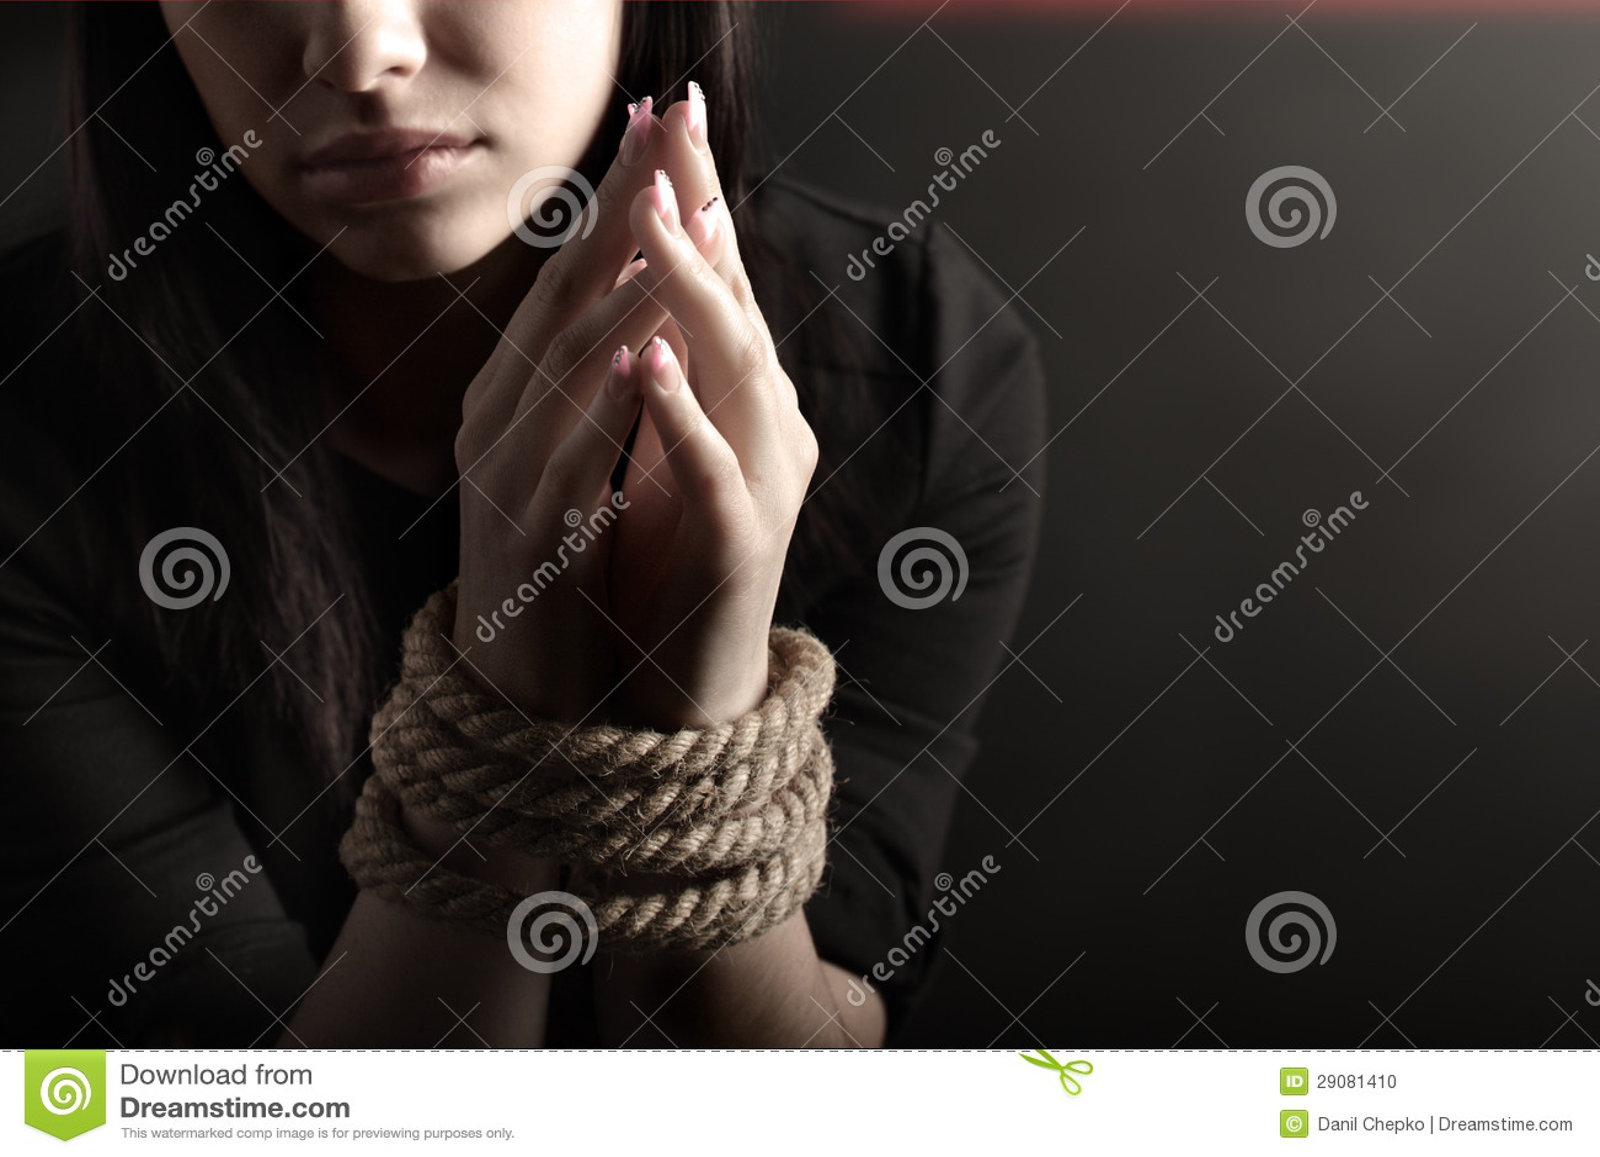 Связанные руки девушек фото 747-456